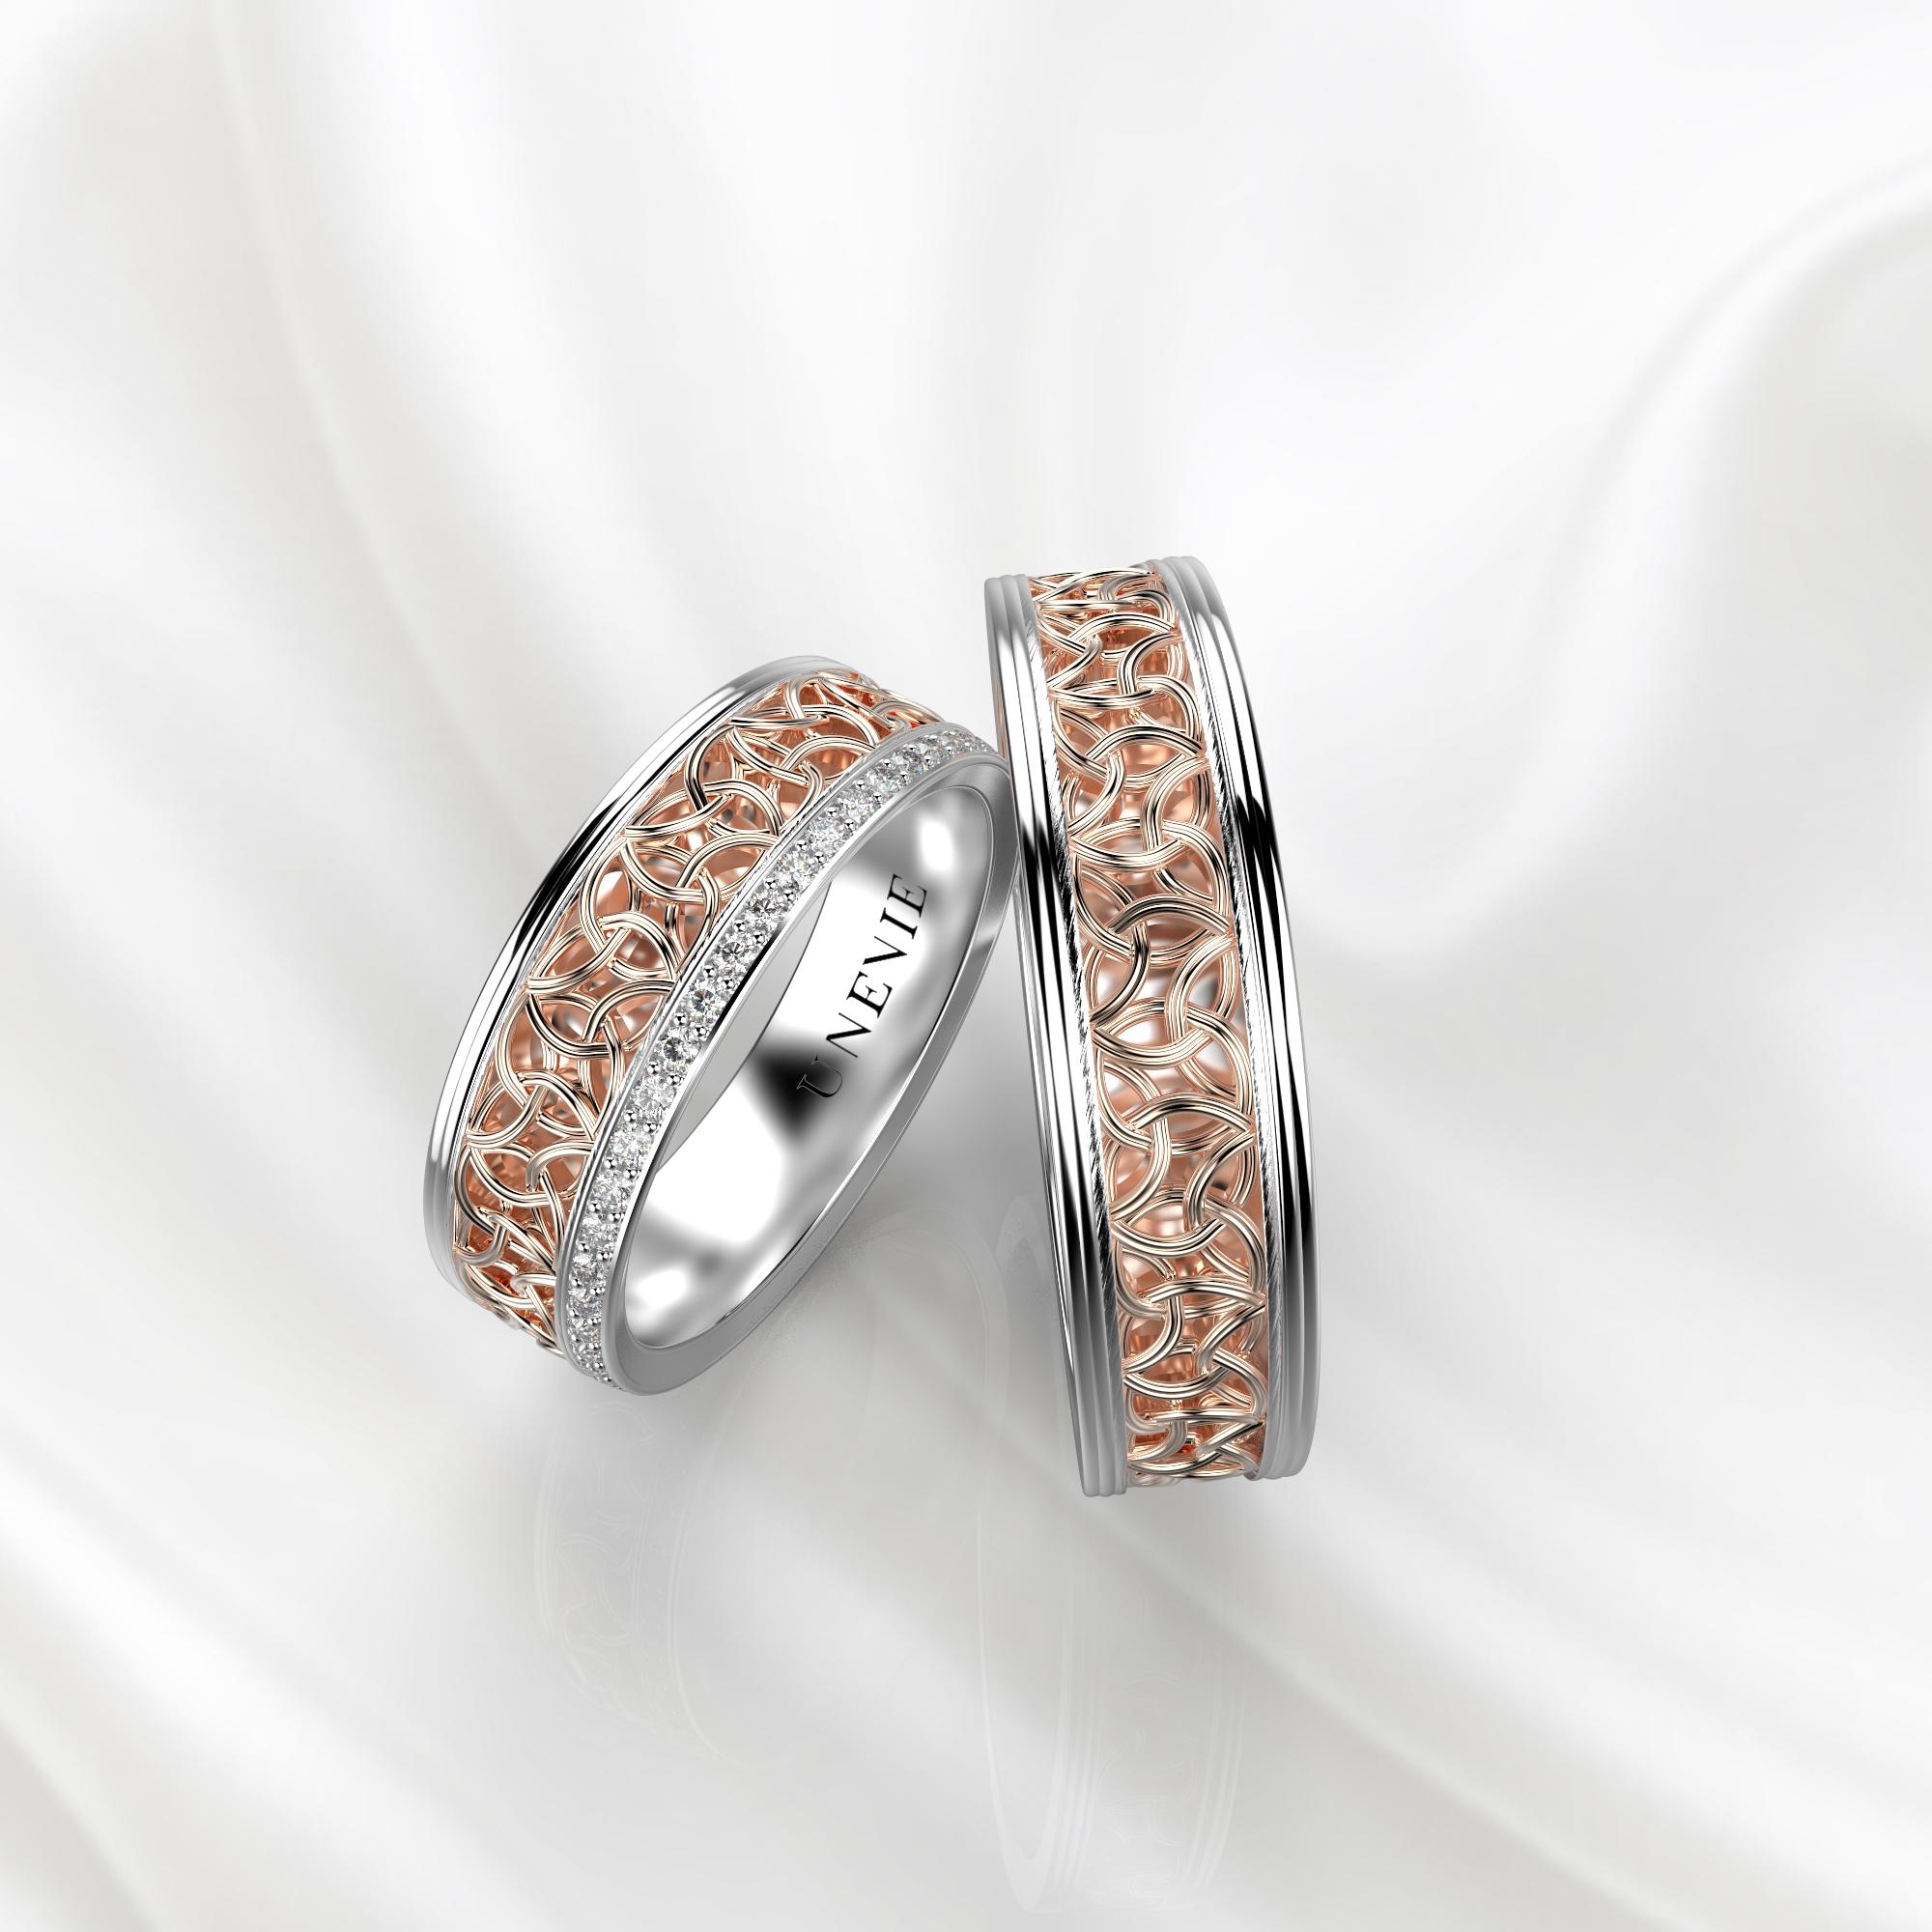 NV64 Парные обручальные кольца из бело-розового золота с бриллиантами